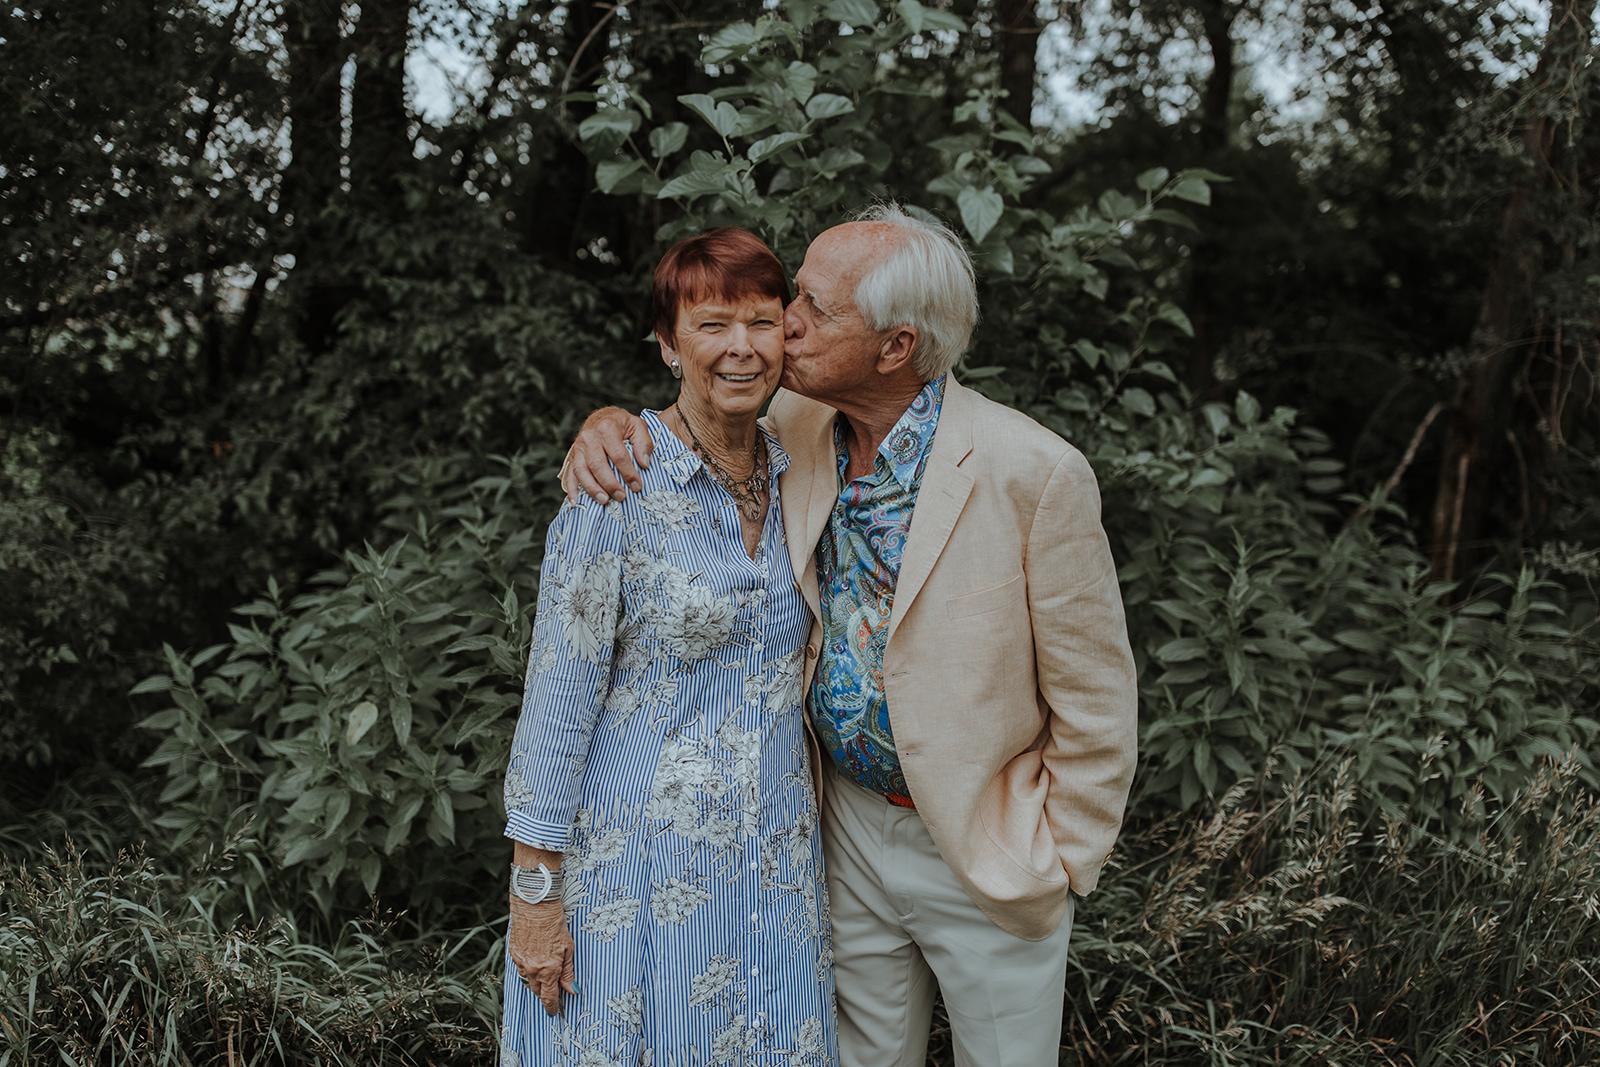 Weddings are a Family Affair